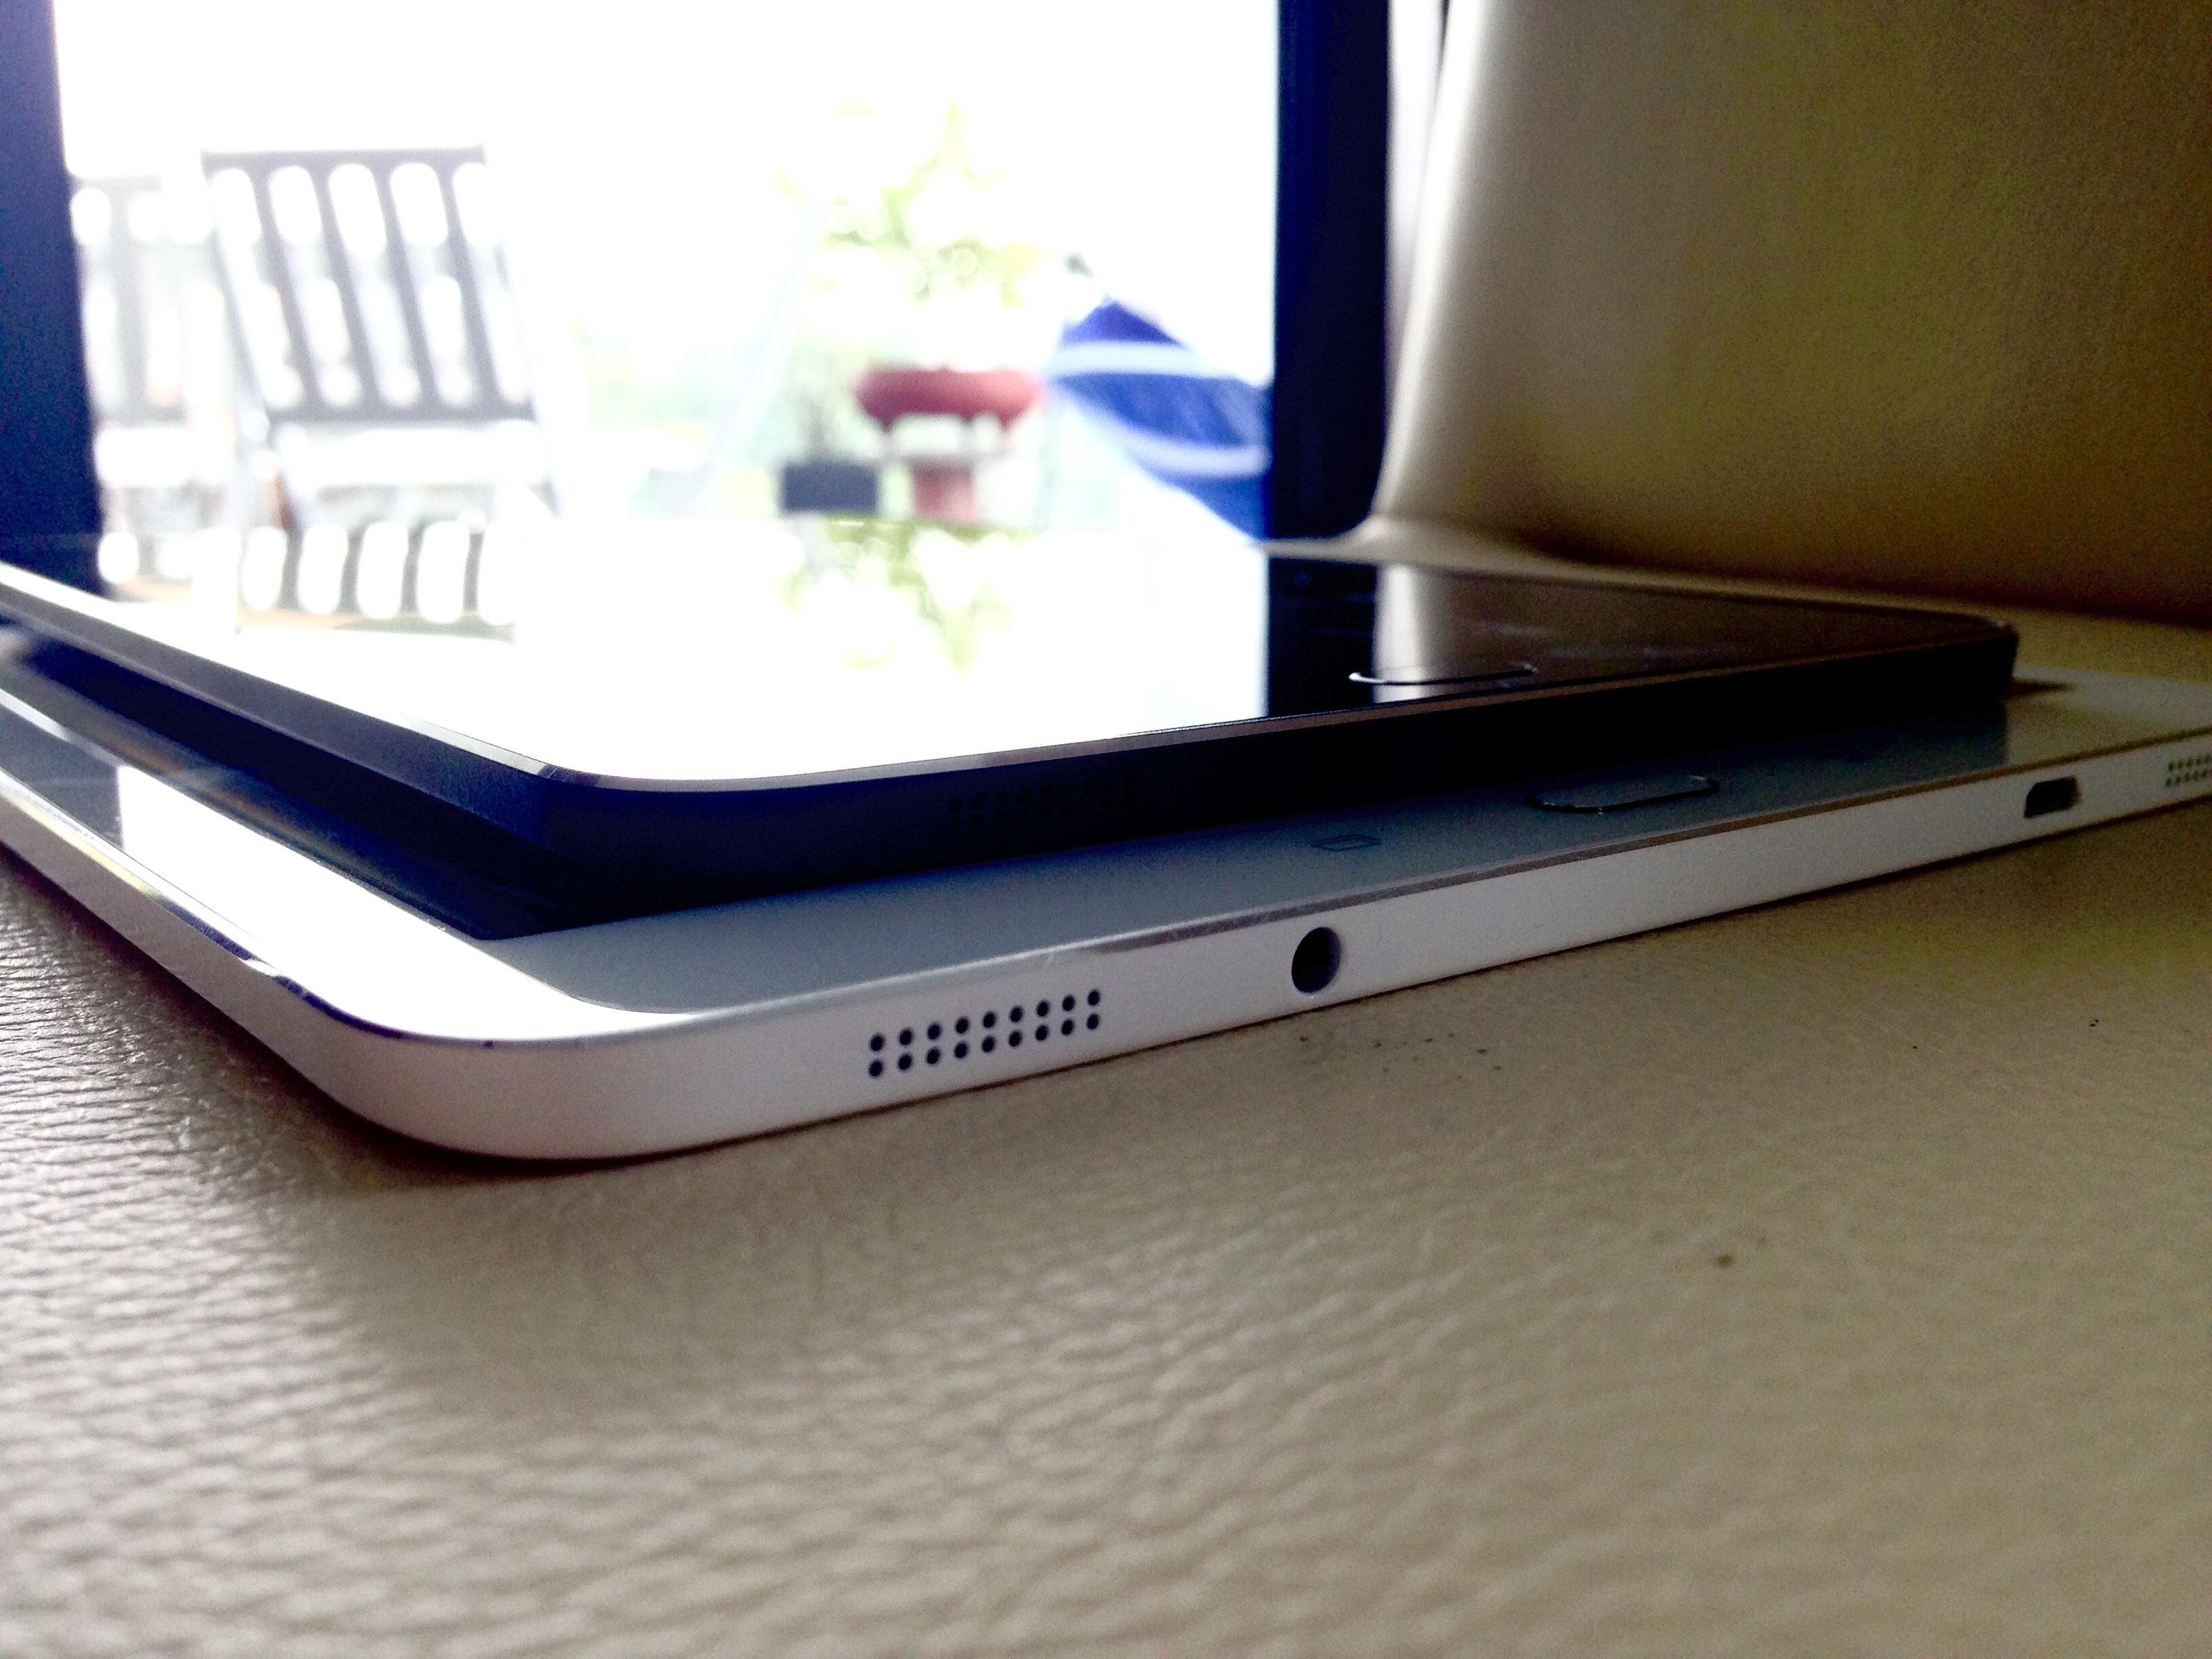 Galaxy tab S2 thiết kế nổi bật